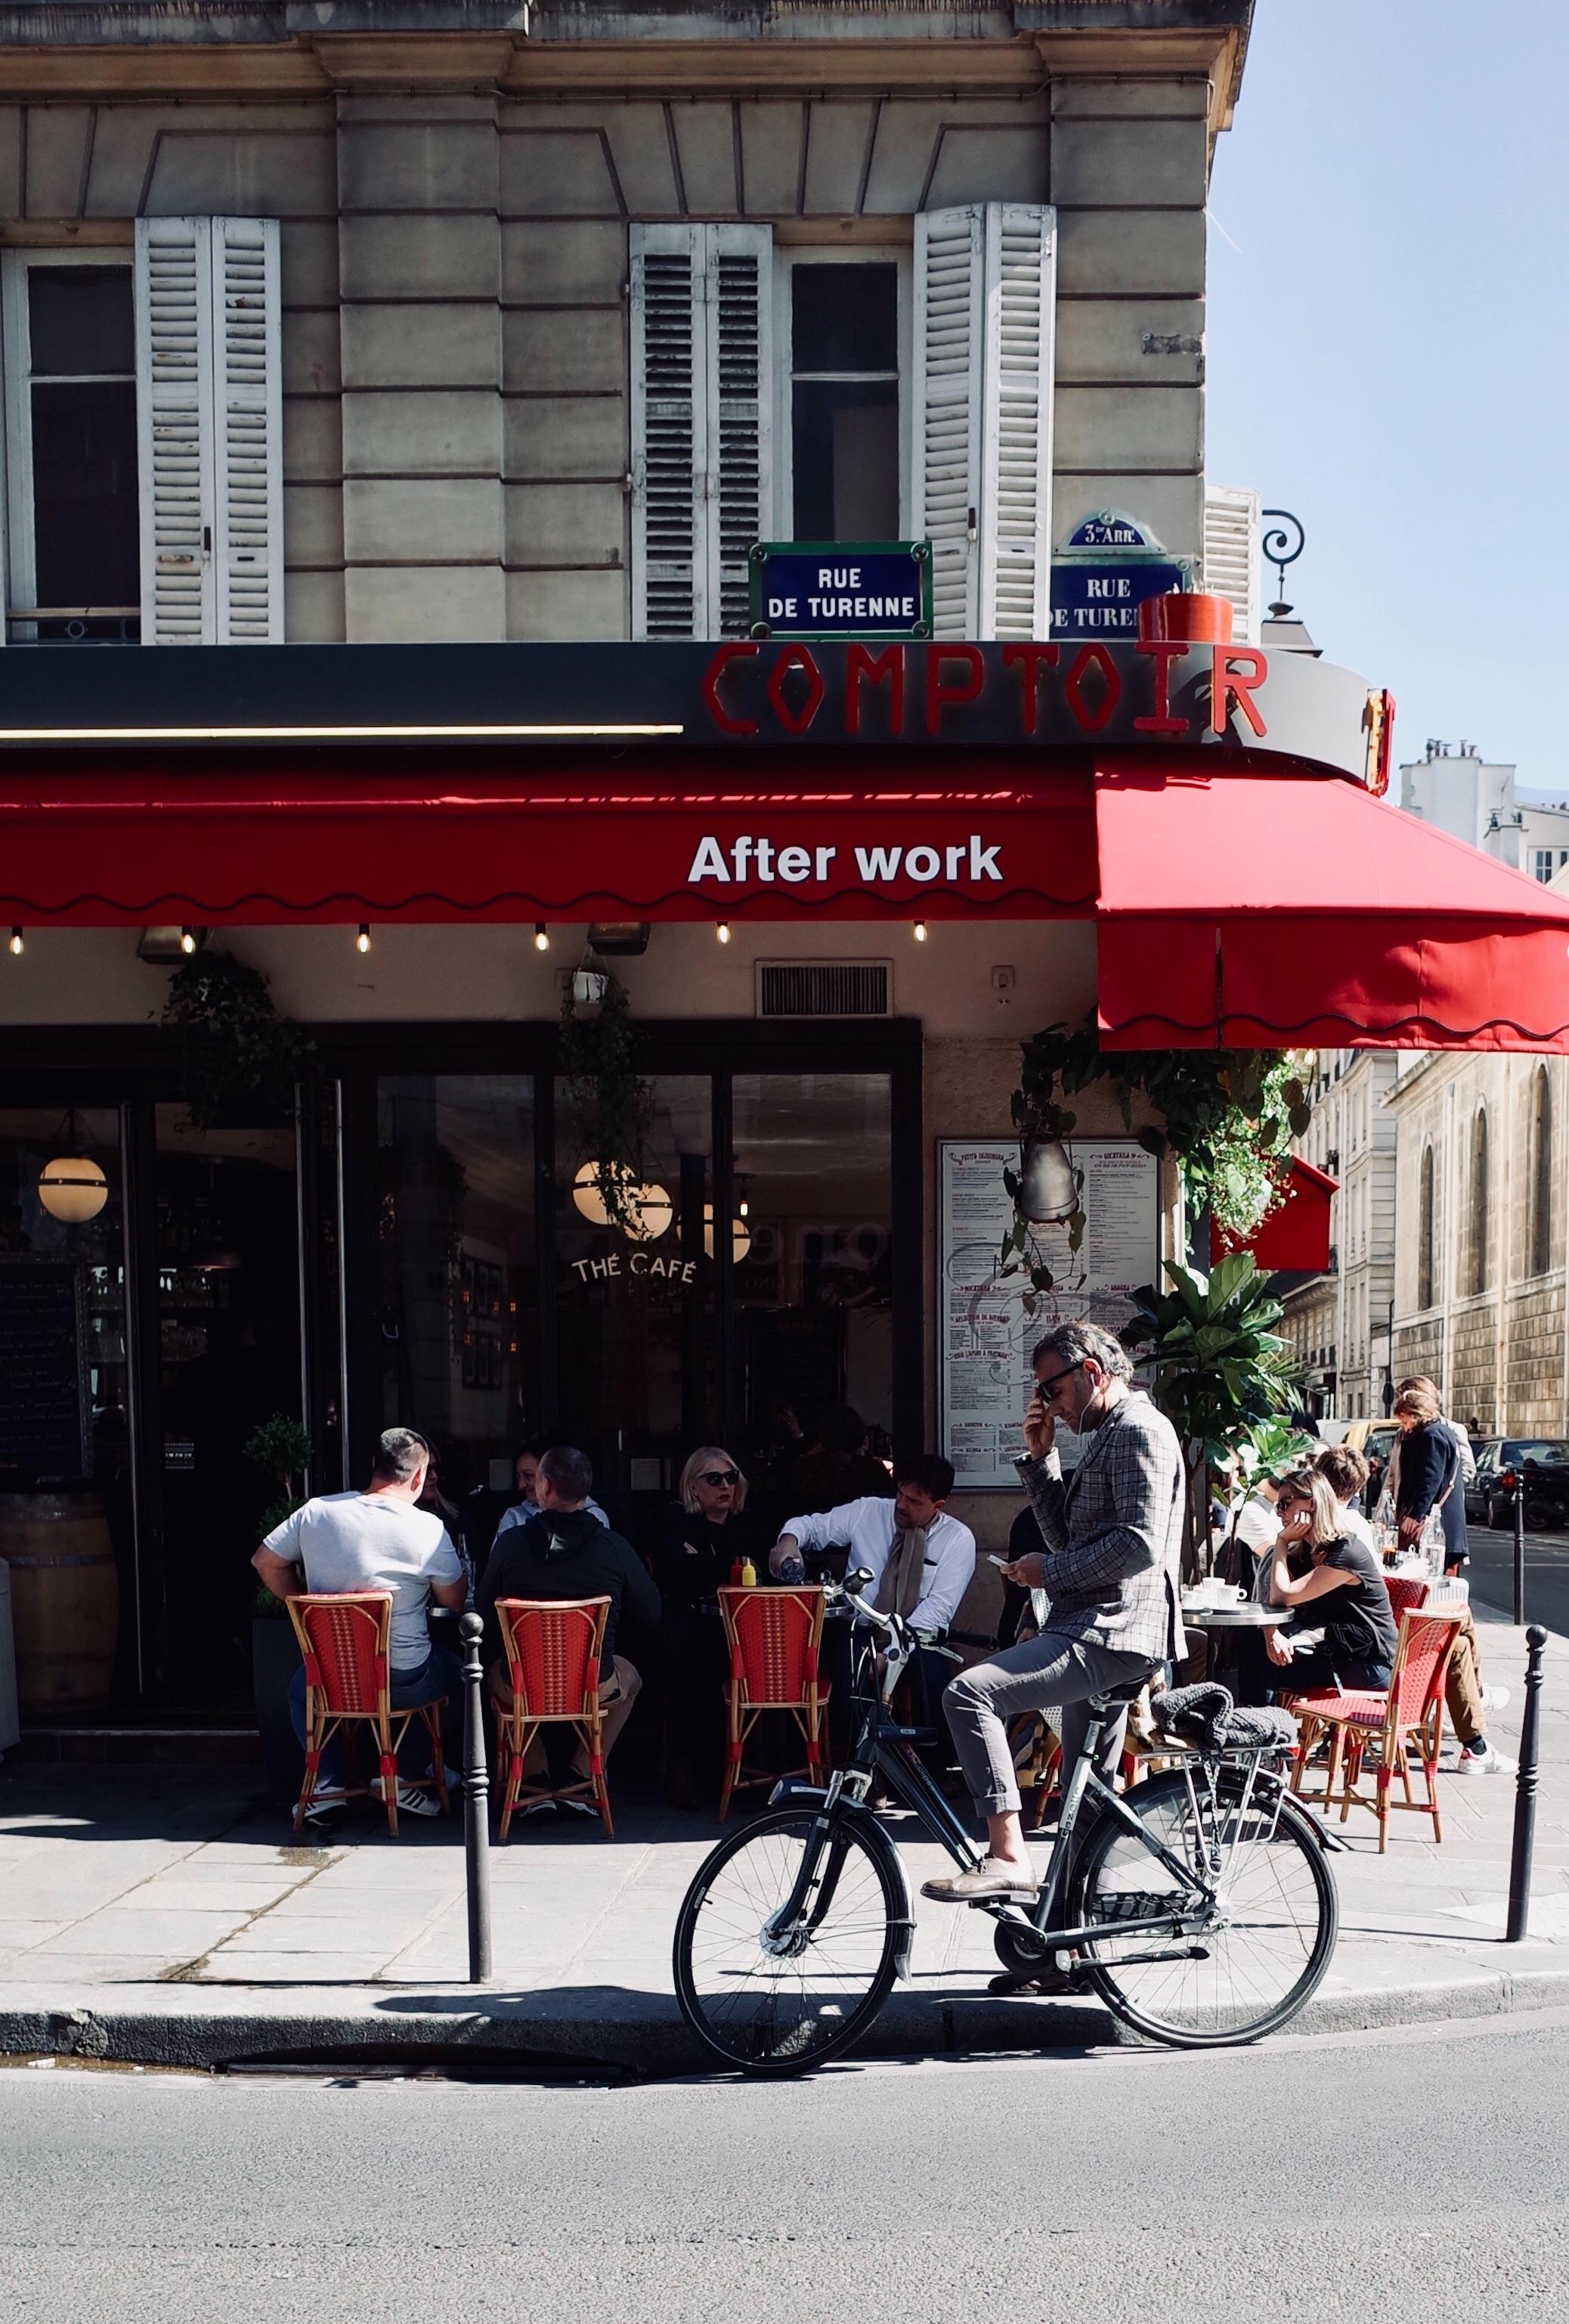 f:id:paris_commune:20190531141524j:image